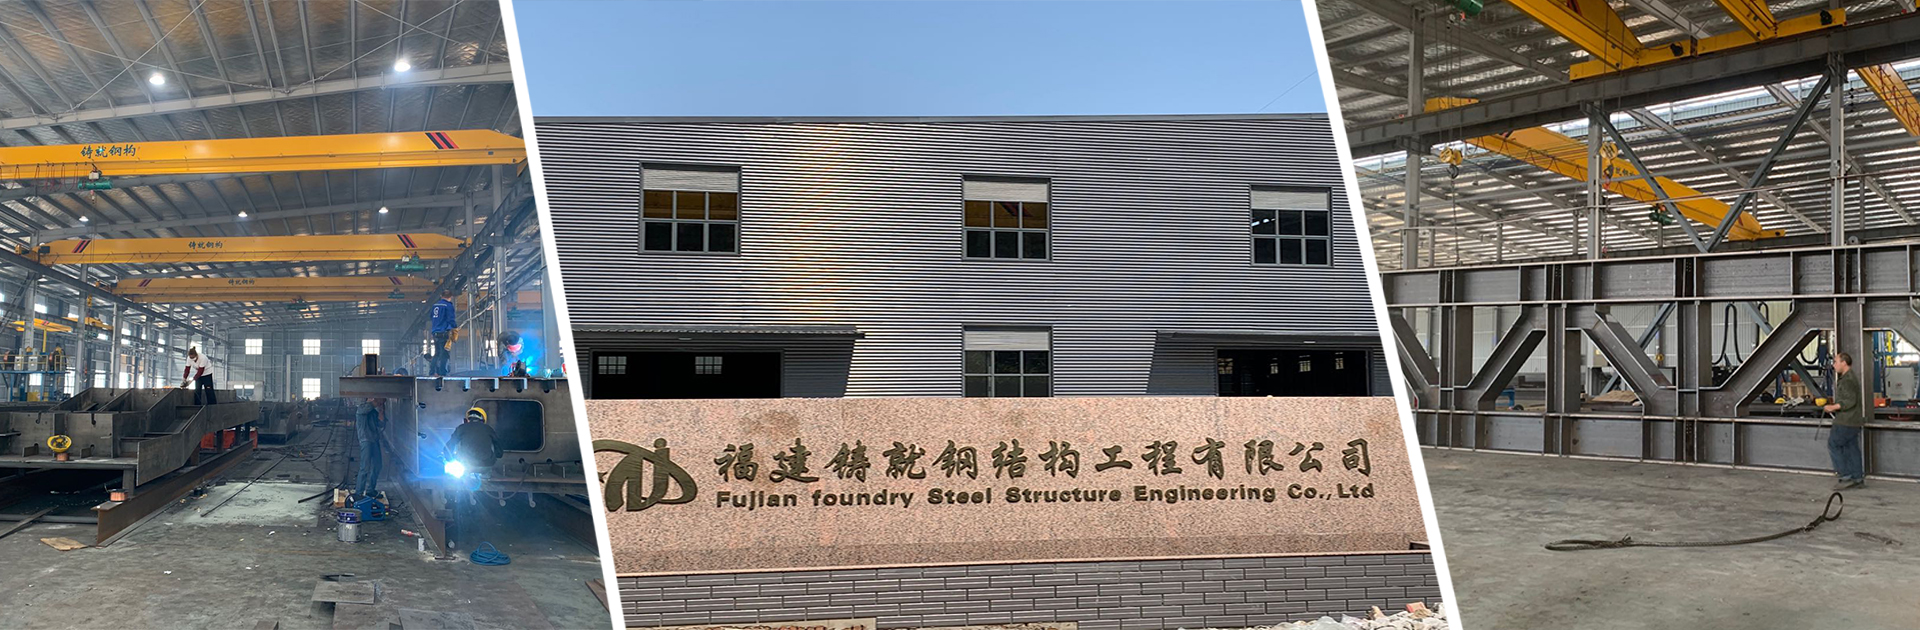 福州钢结构,福州钢结构加工,福州钢结构厂家